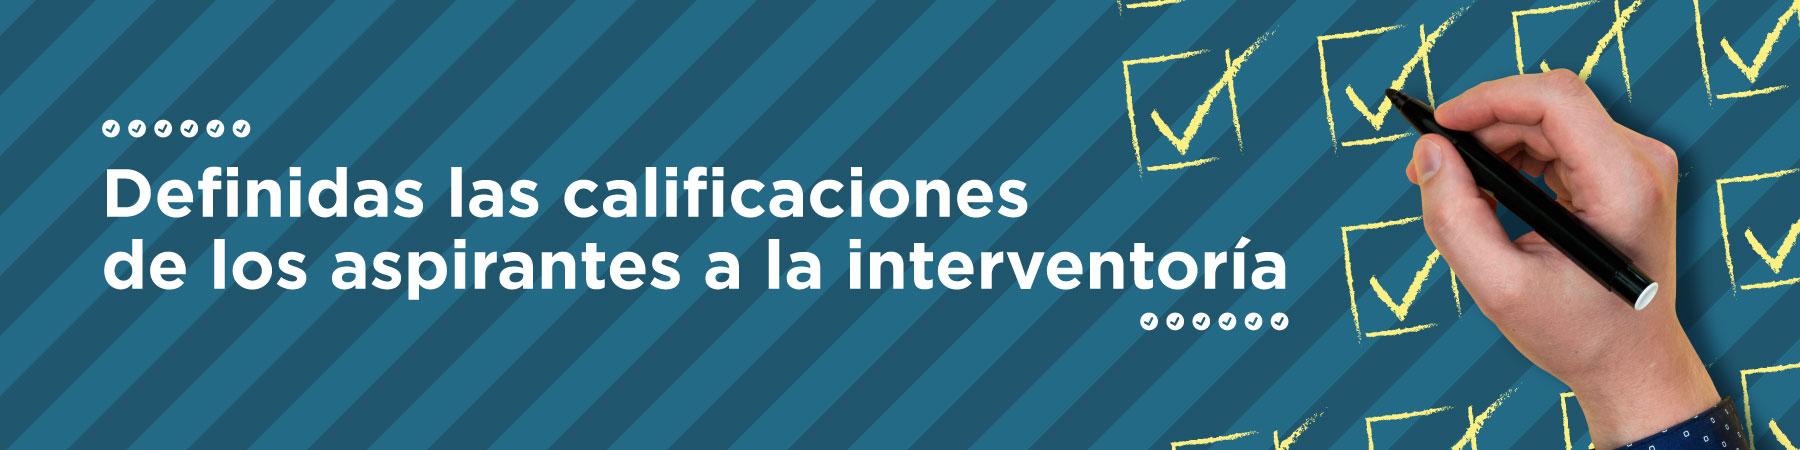 Definidas las calificaciones de los aspirantes a interventoría